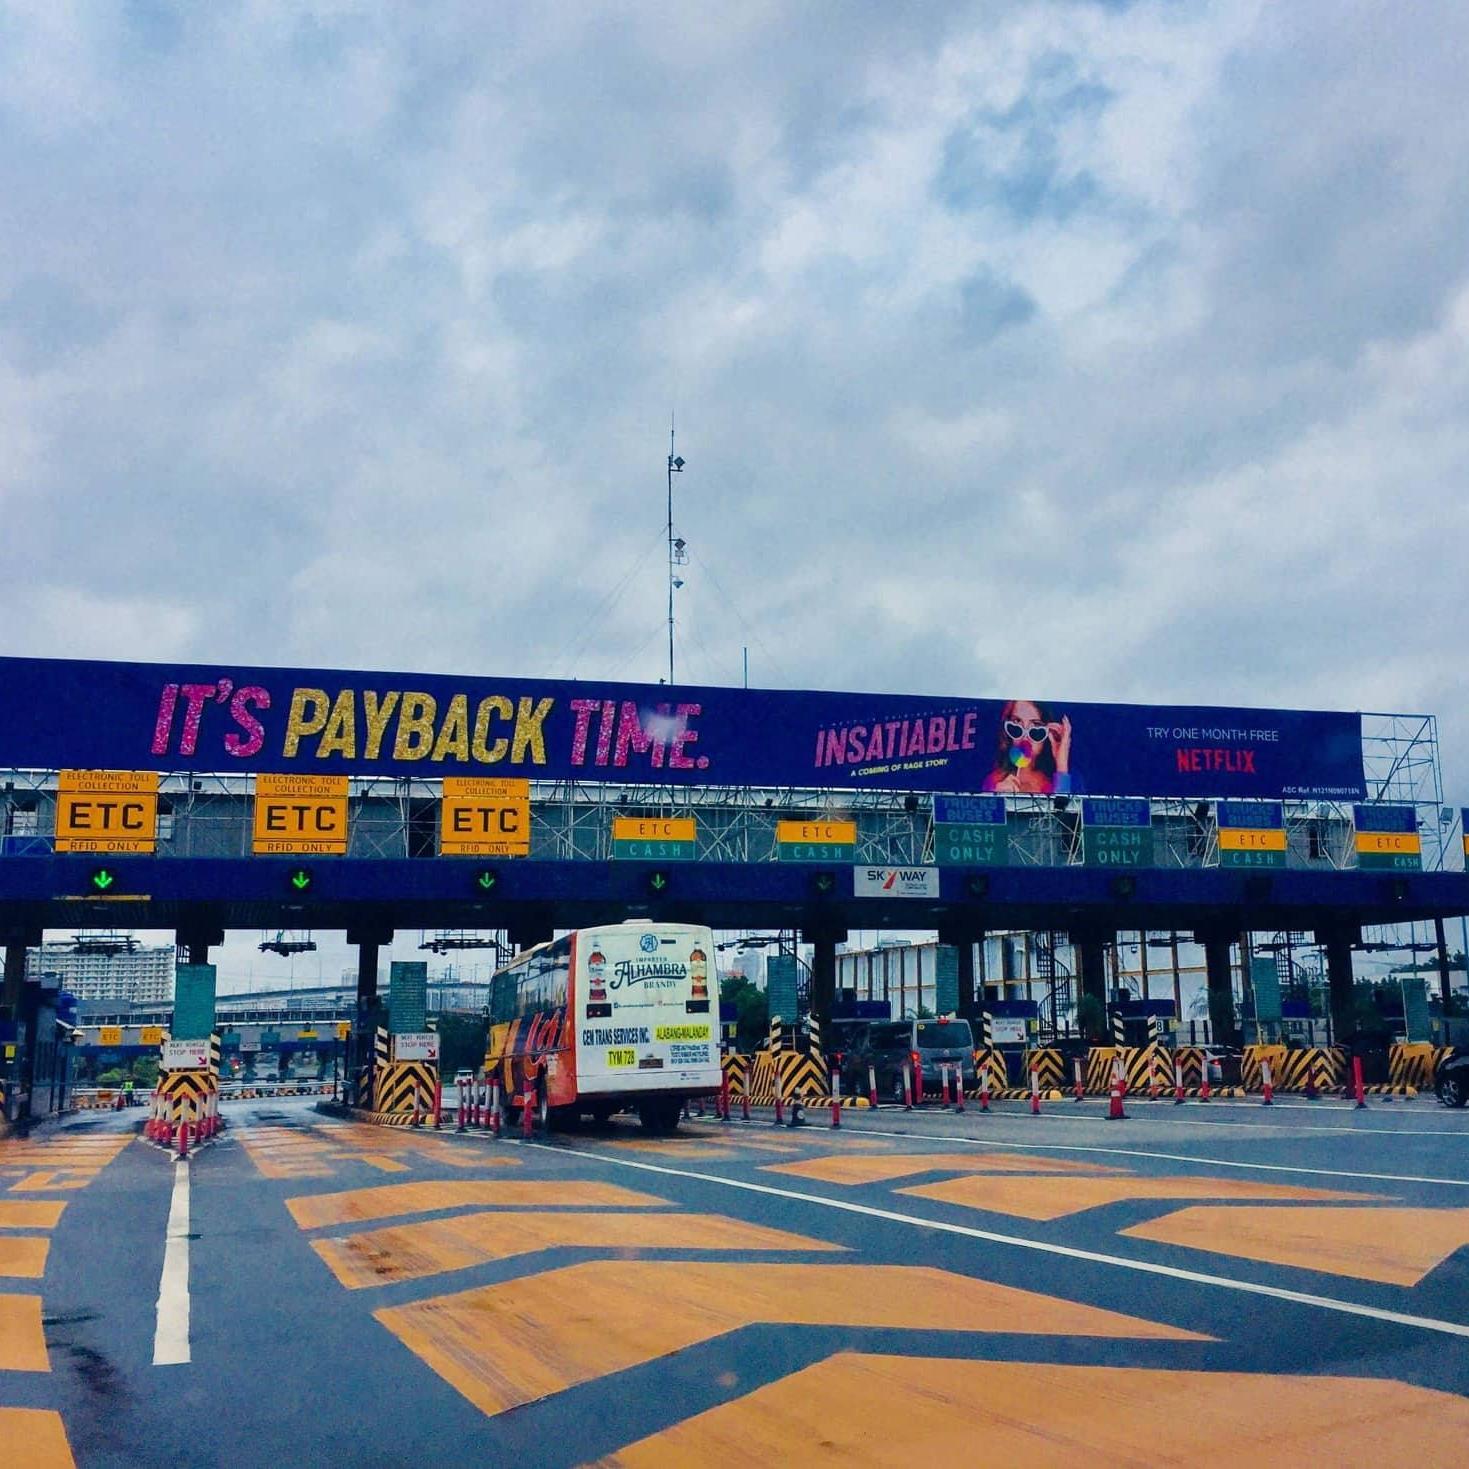 netflix-tollway-outdoor-advertising-dooh-ph.jpg